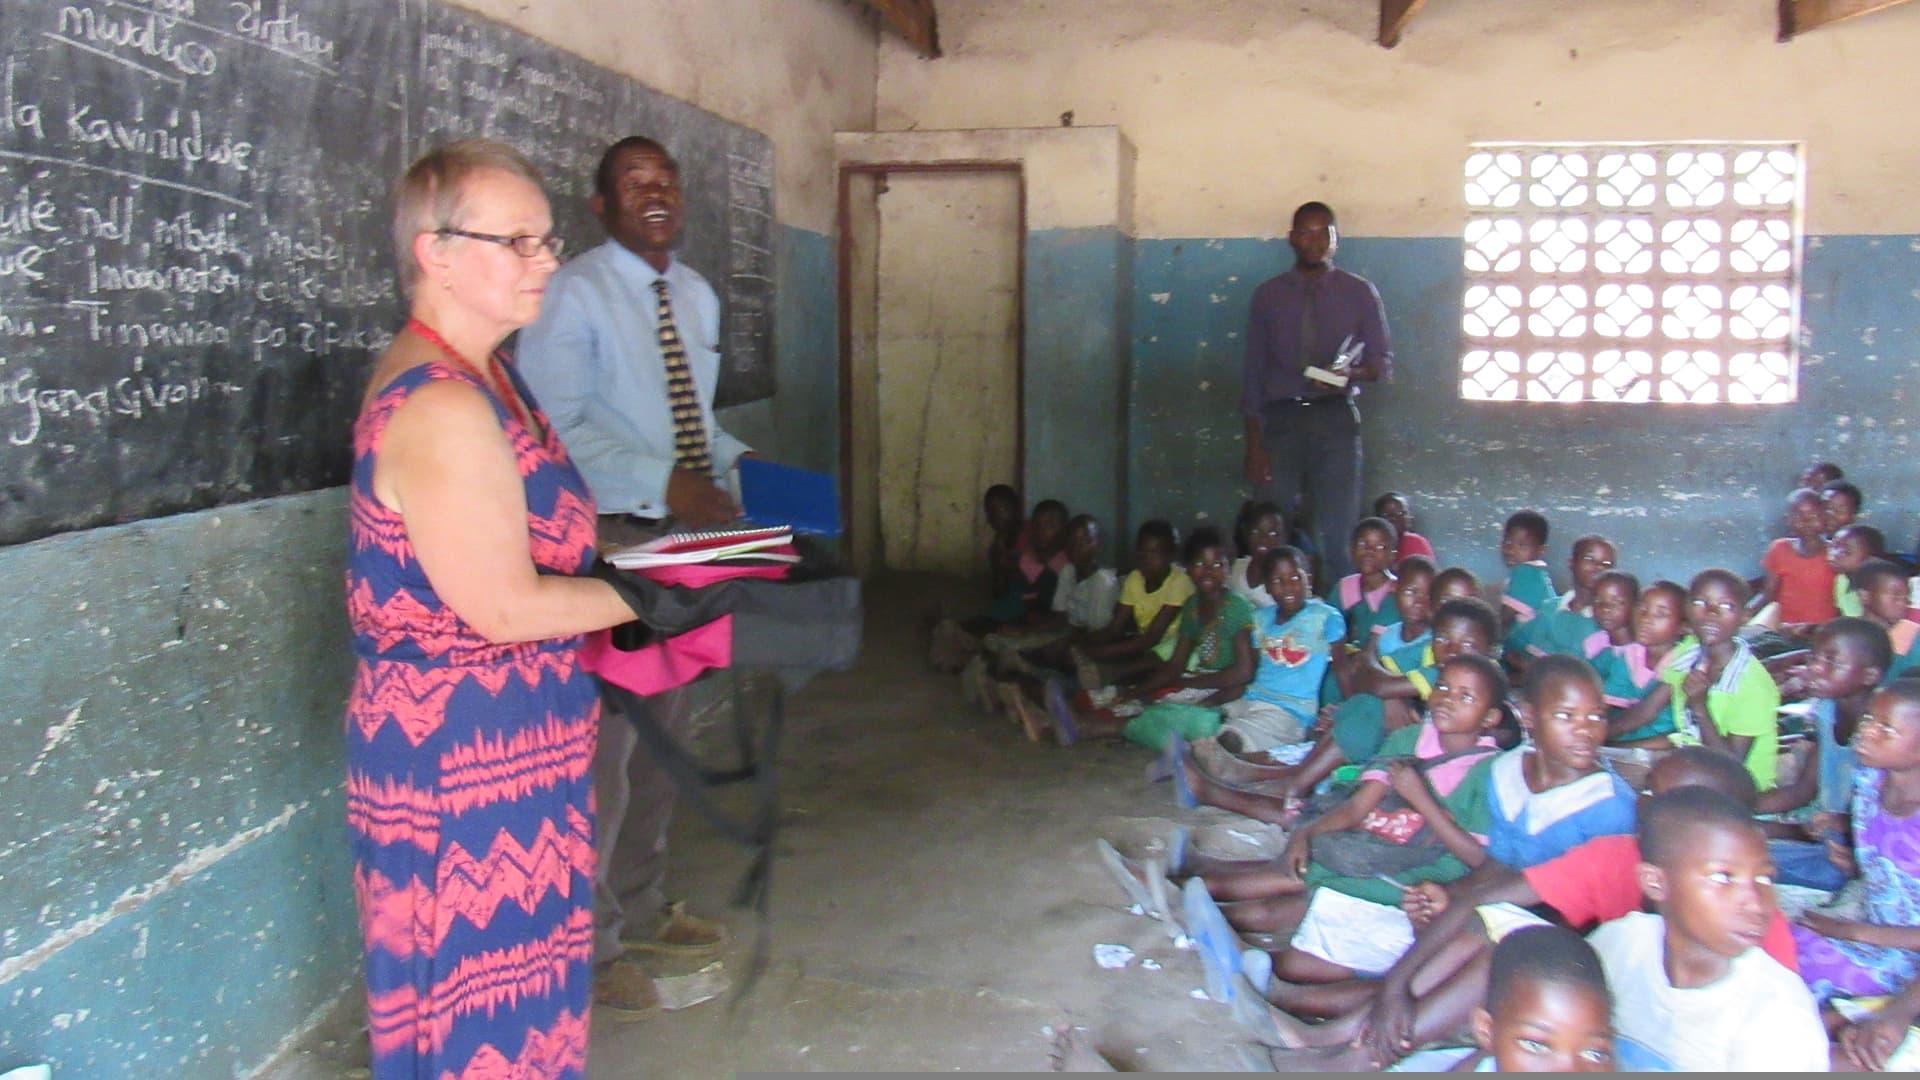 Kajaanilainen Pirkko Carpenter on tutustumassa afrikkalaiseen koululuokkaan Malawissa.